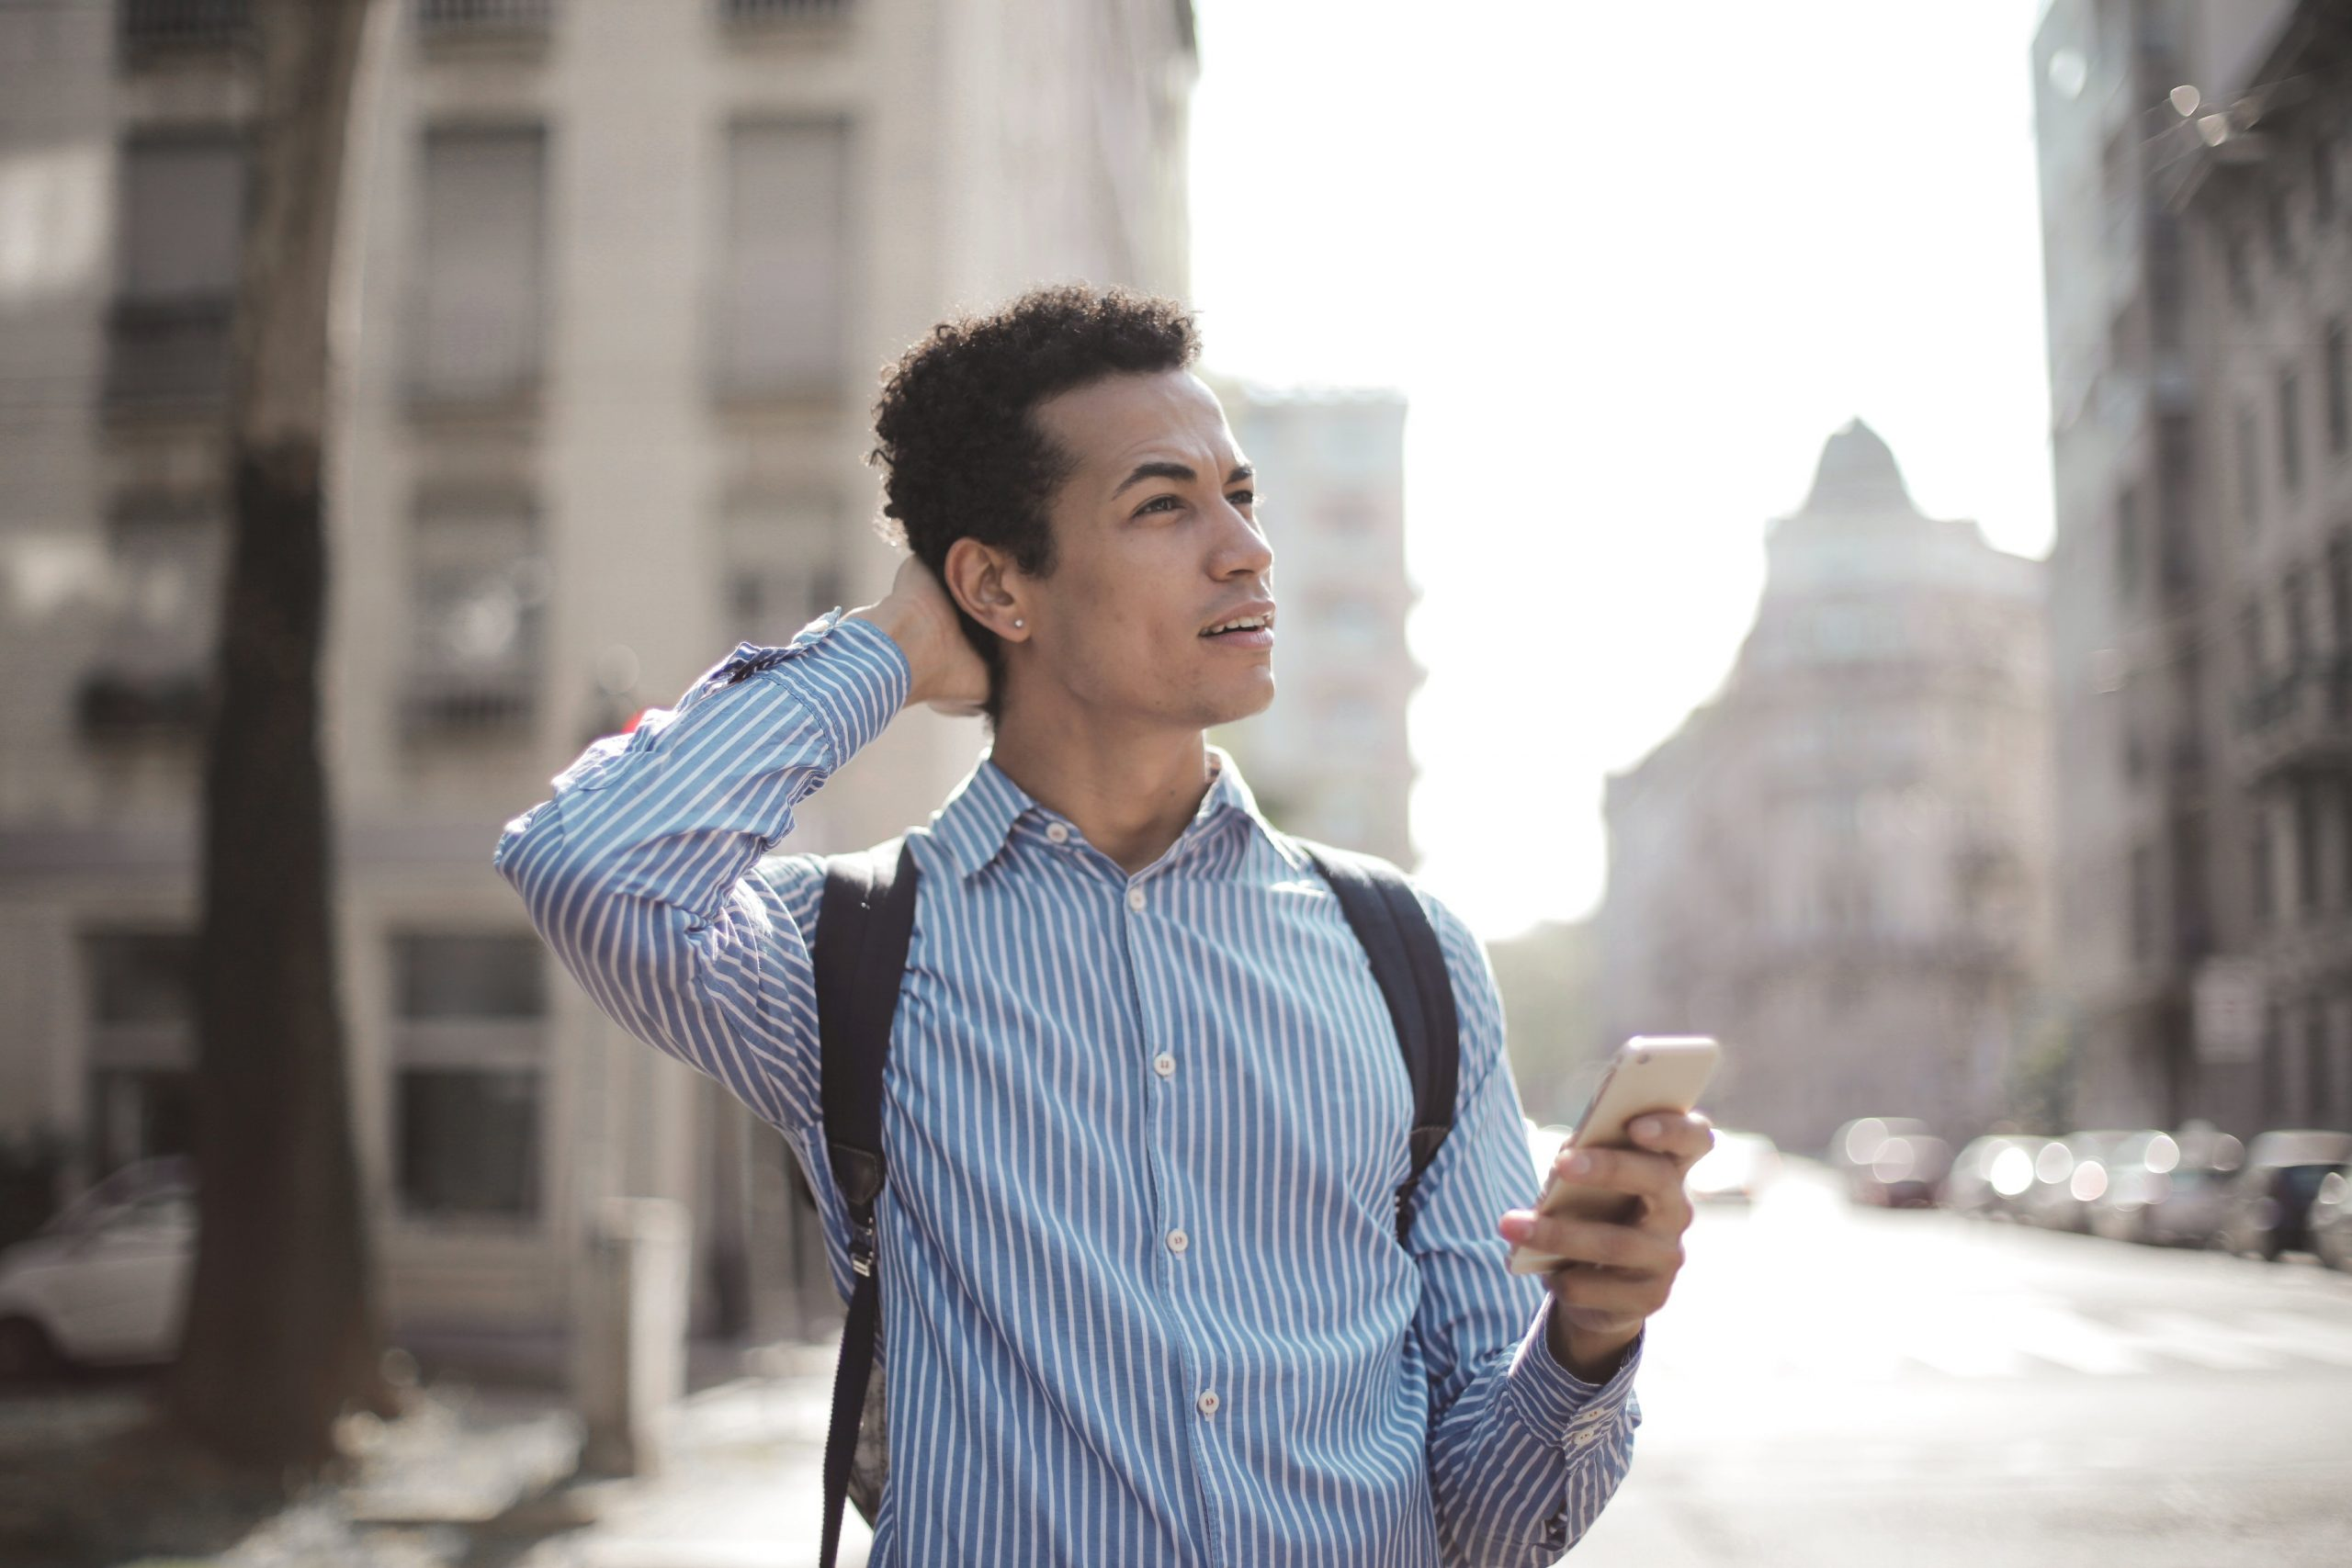 best-safelink-phones-replacement